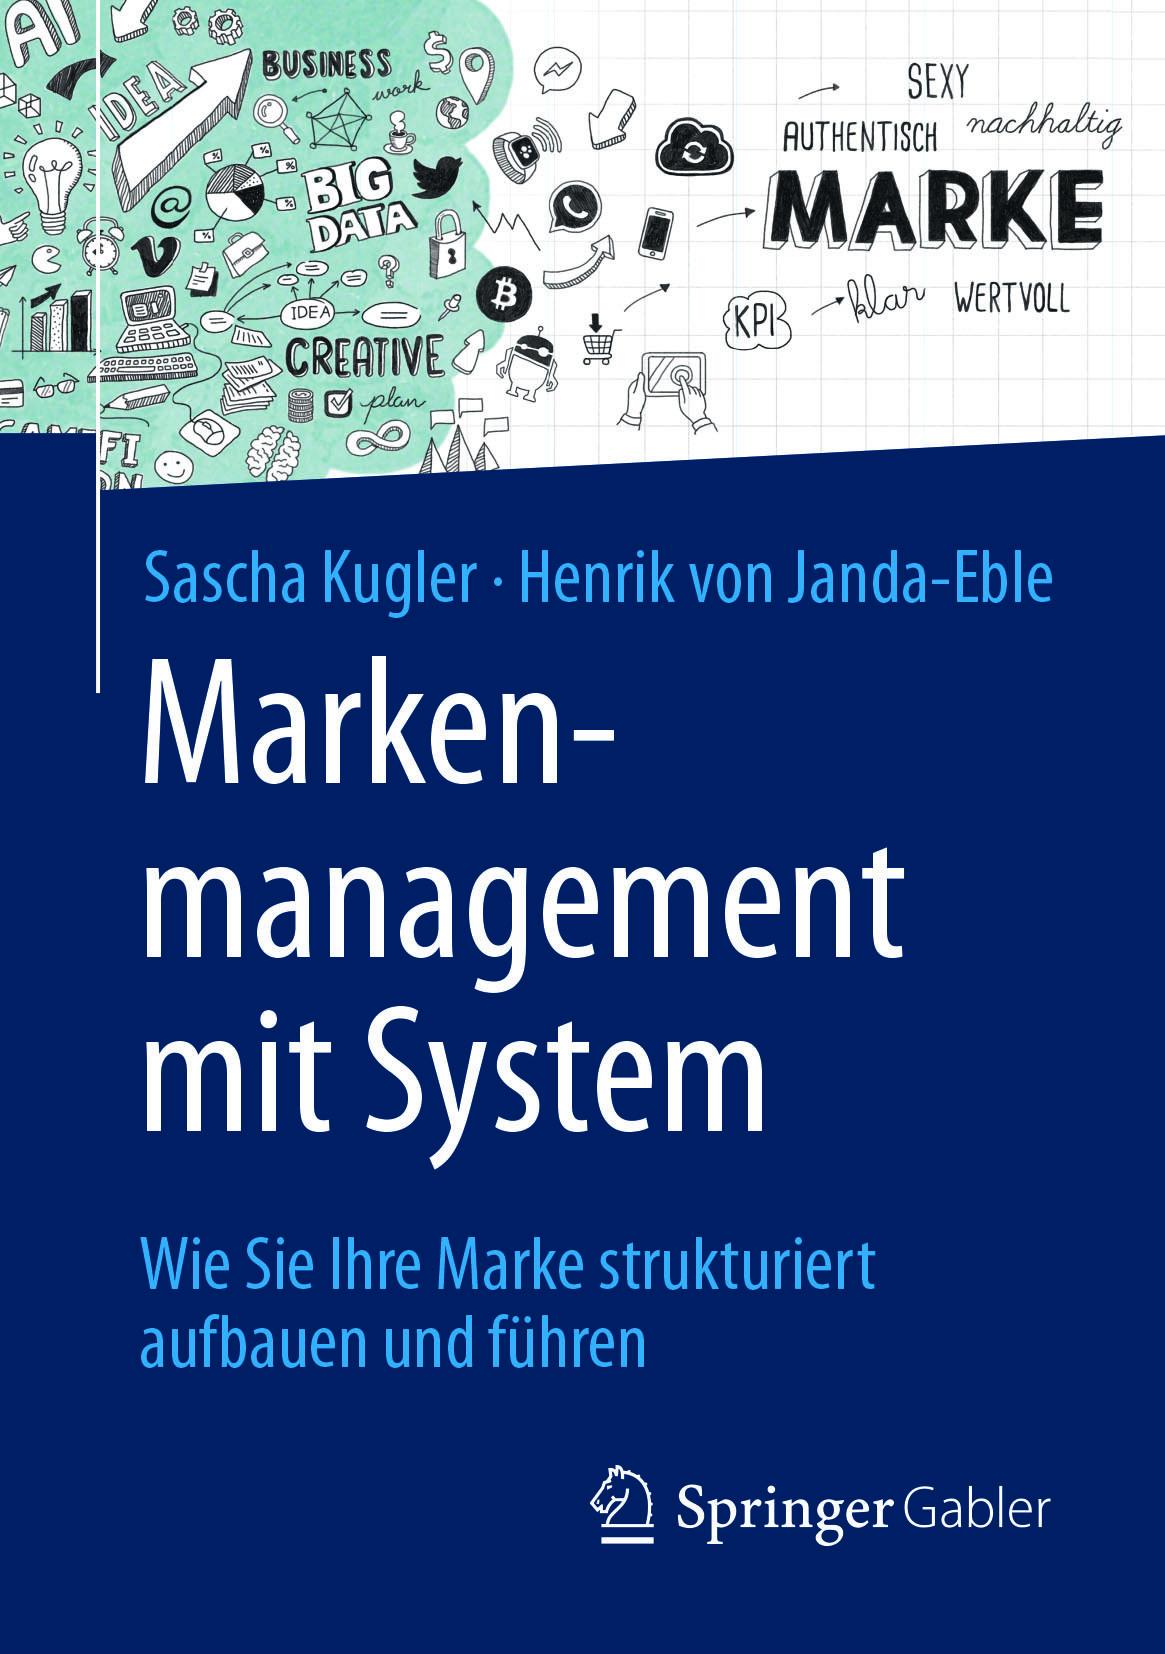 Janda-Eble, Henrik von - Markenmanagement mit System, ebook